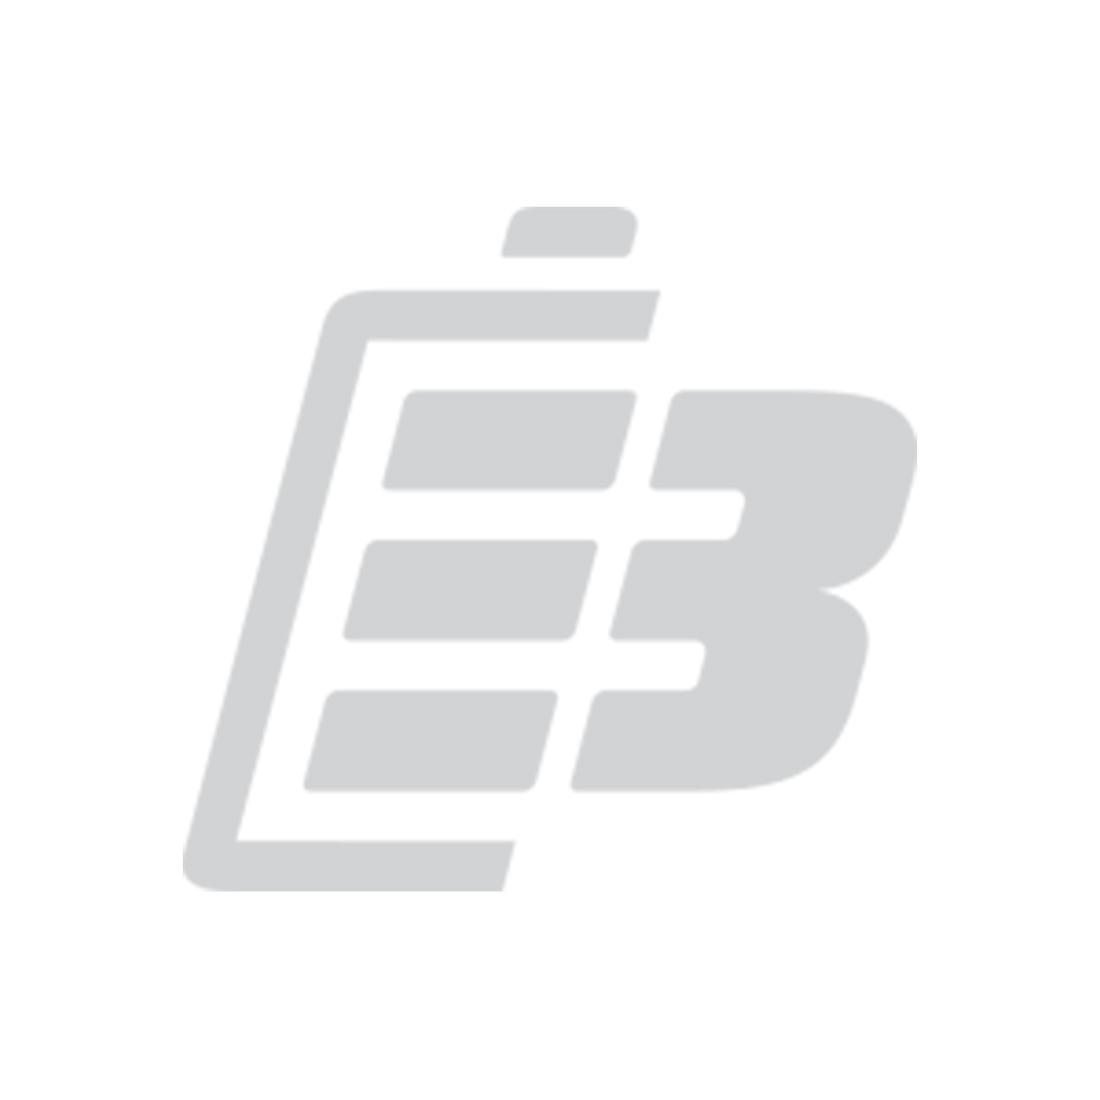 Μπαταρία barcode scanner Symbol MC3000 ενισχυμένη_1